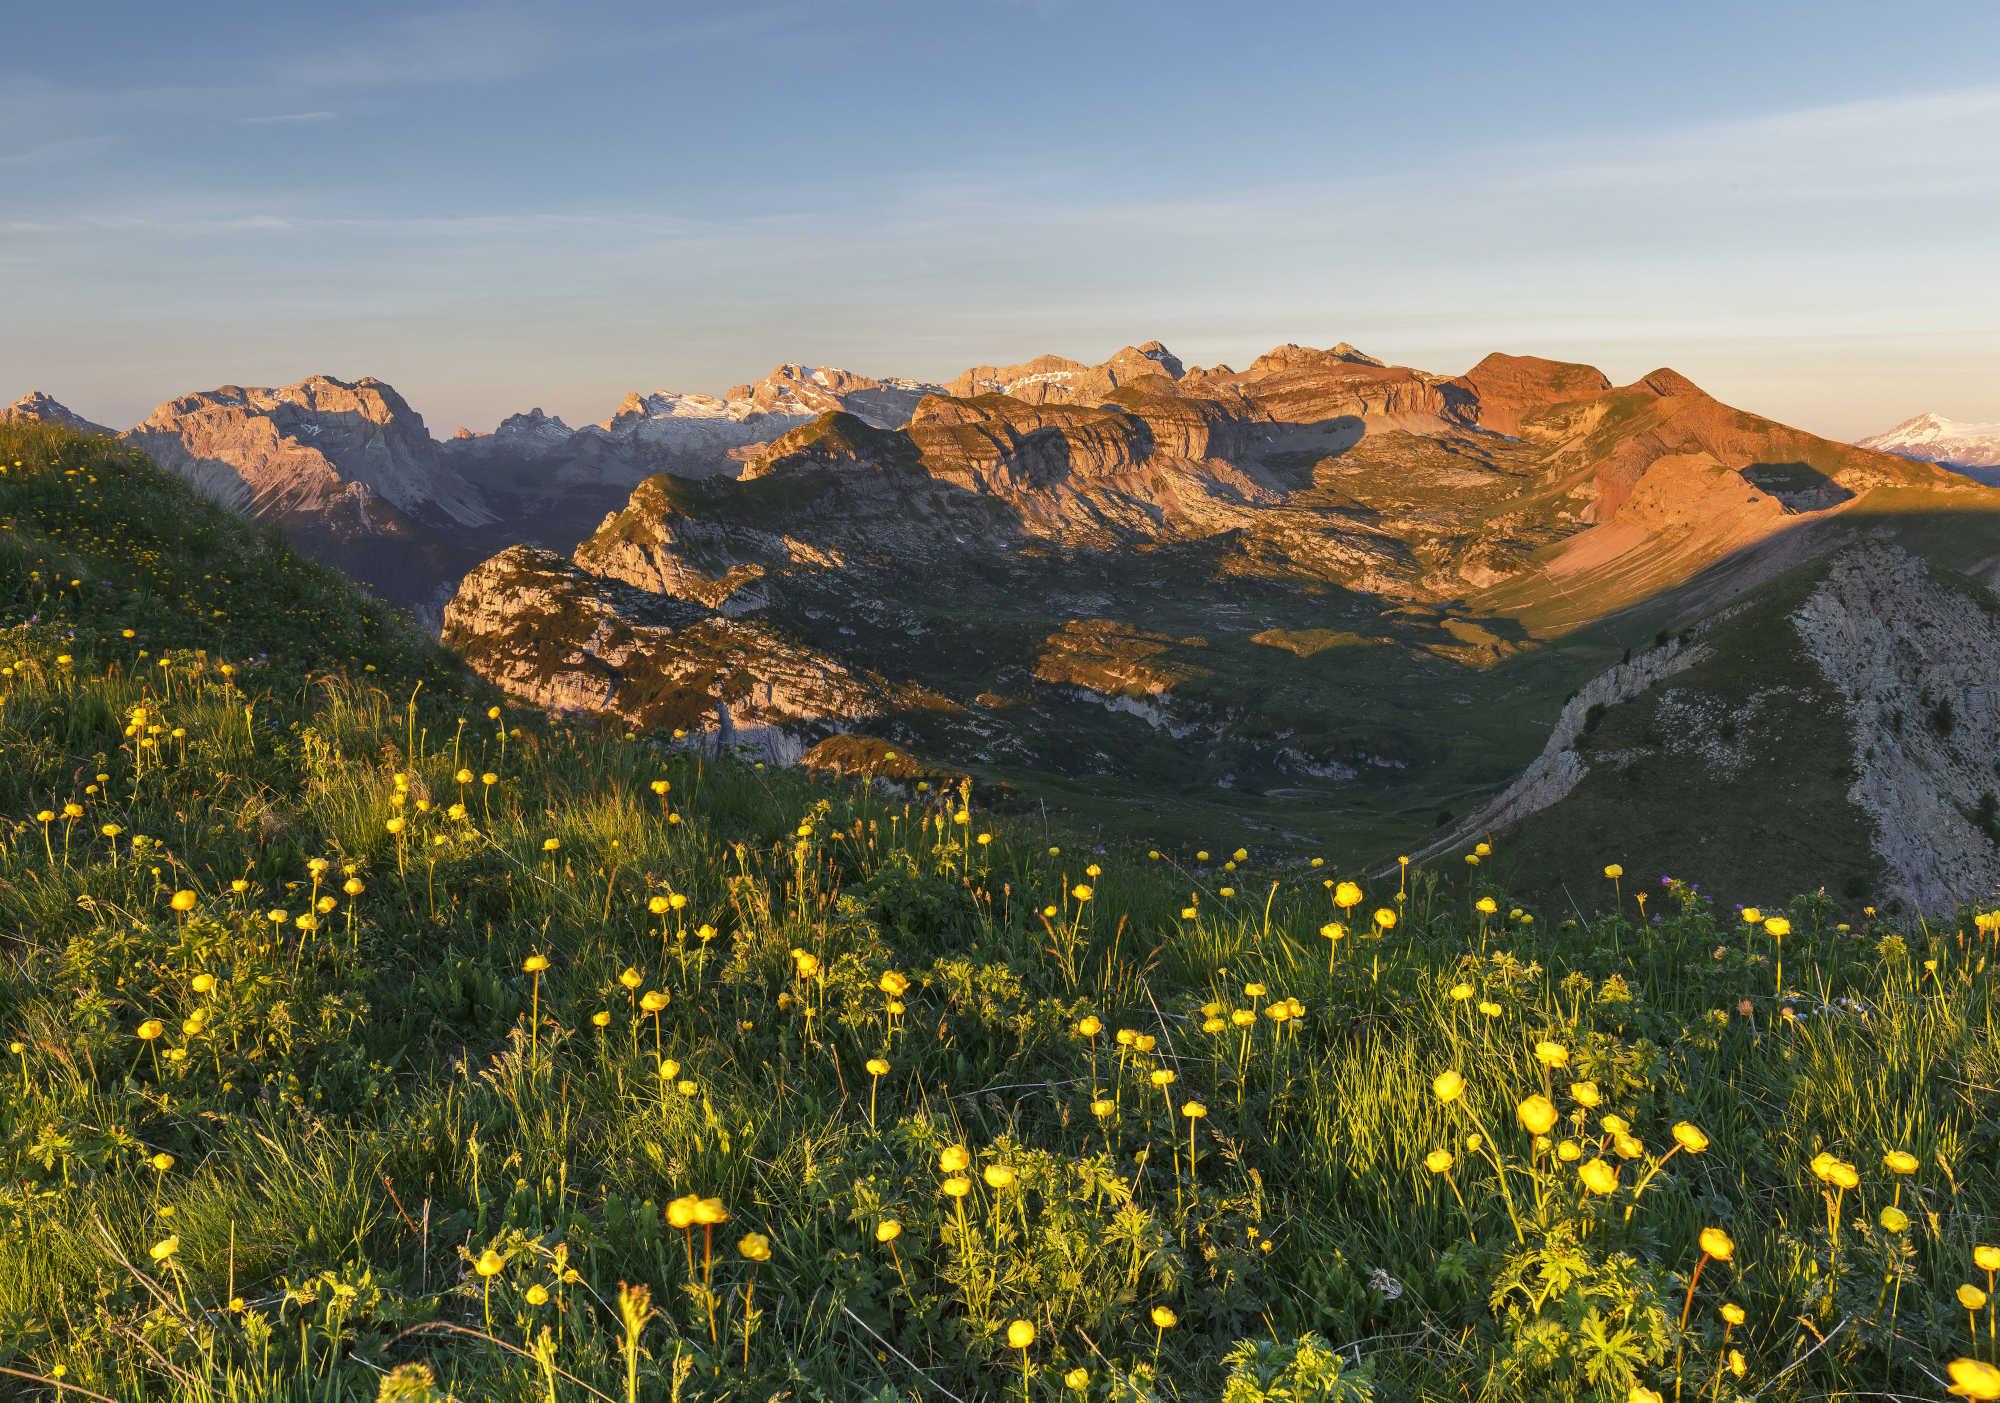 Passeggiate in Trentino ad ammirare la fioritura di primavera- val-di-non-monte-peller-botton-d-oro-foto-alessandro-gruzza